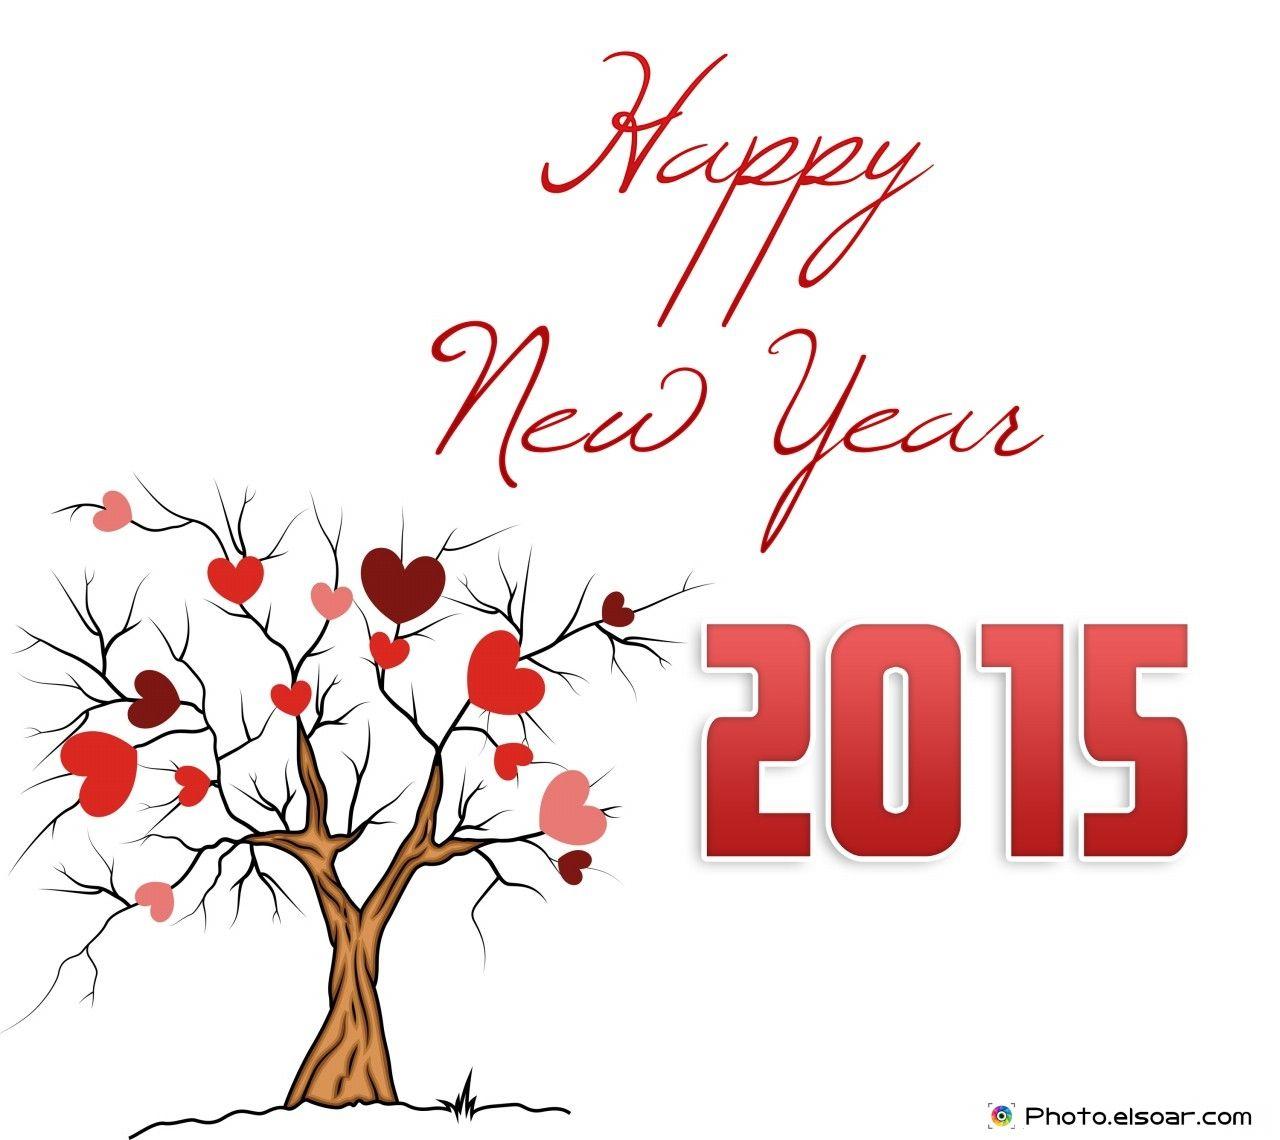 Happy New Year 2015 With Tree And Hearts Heartfelt Pinterest